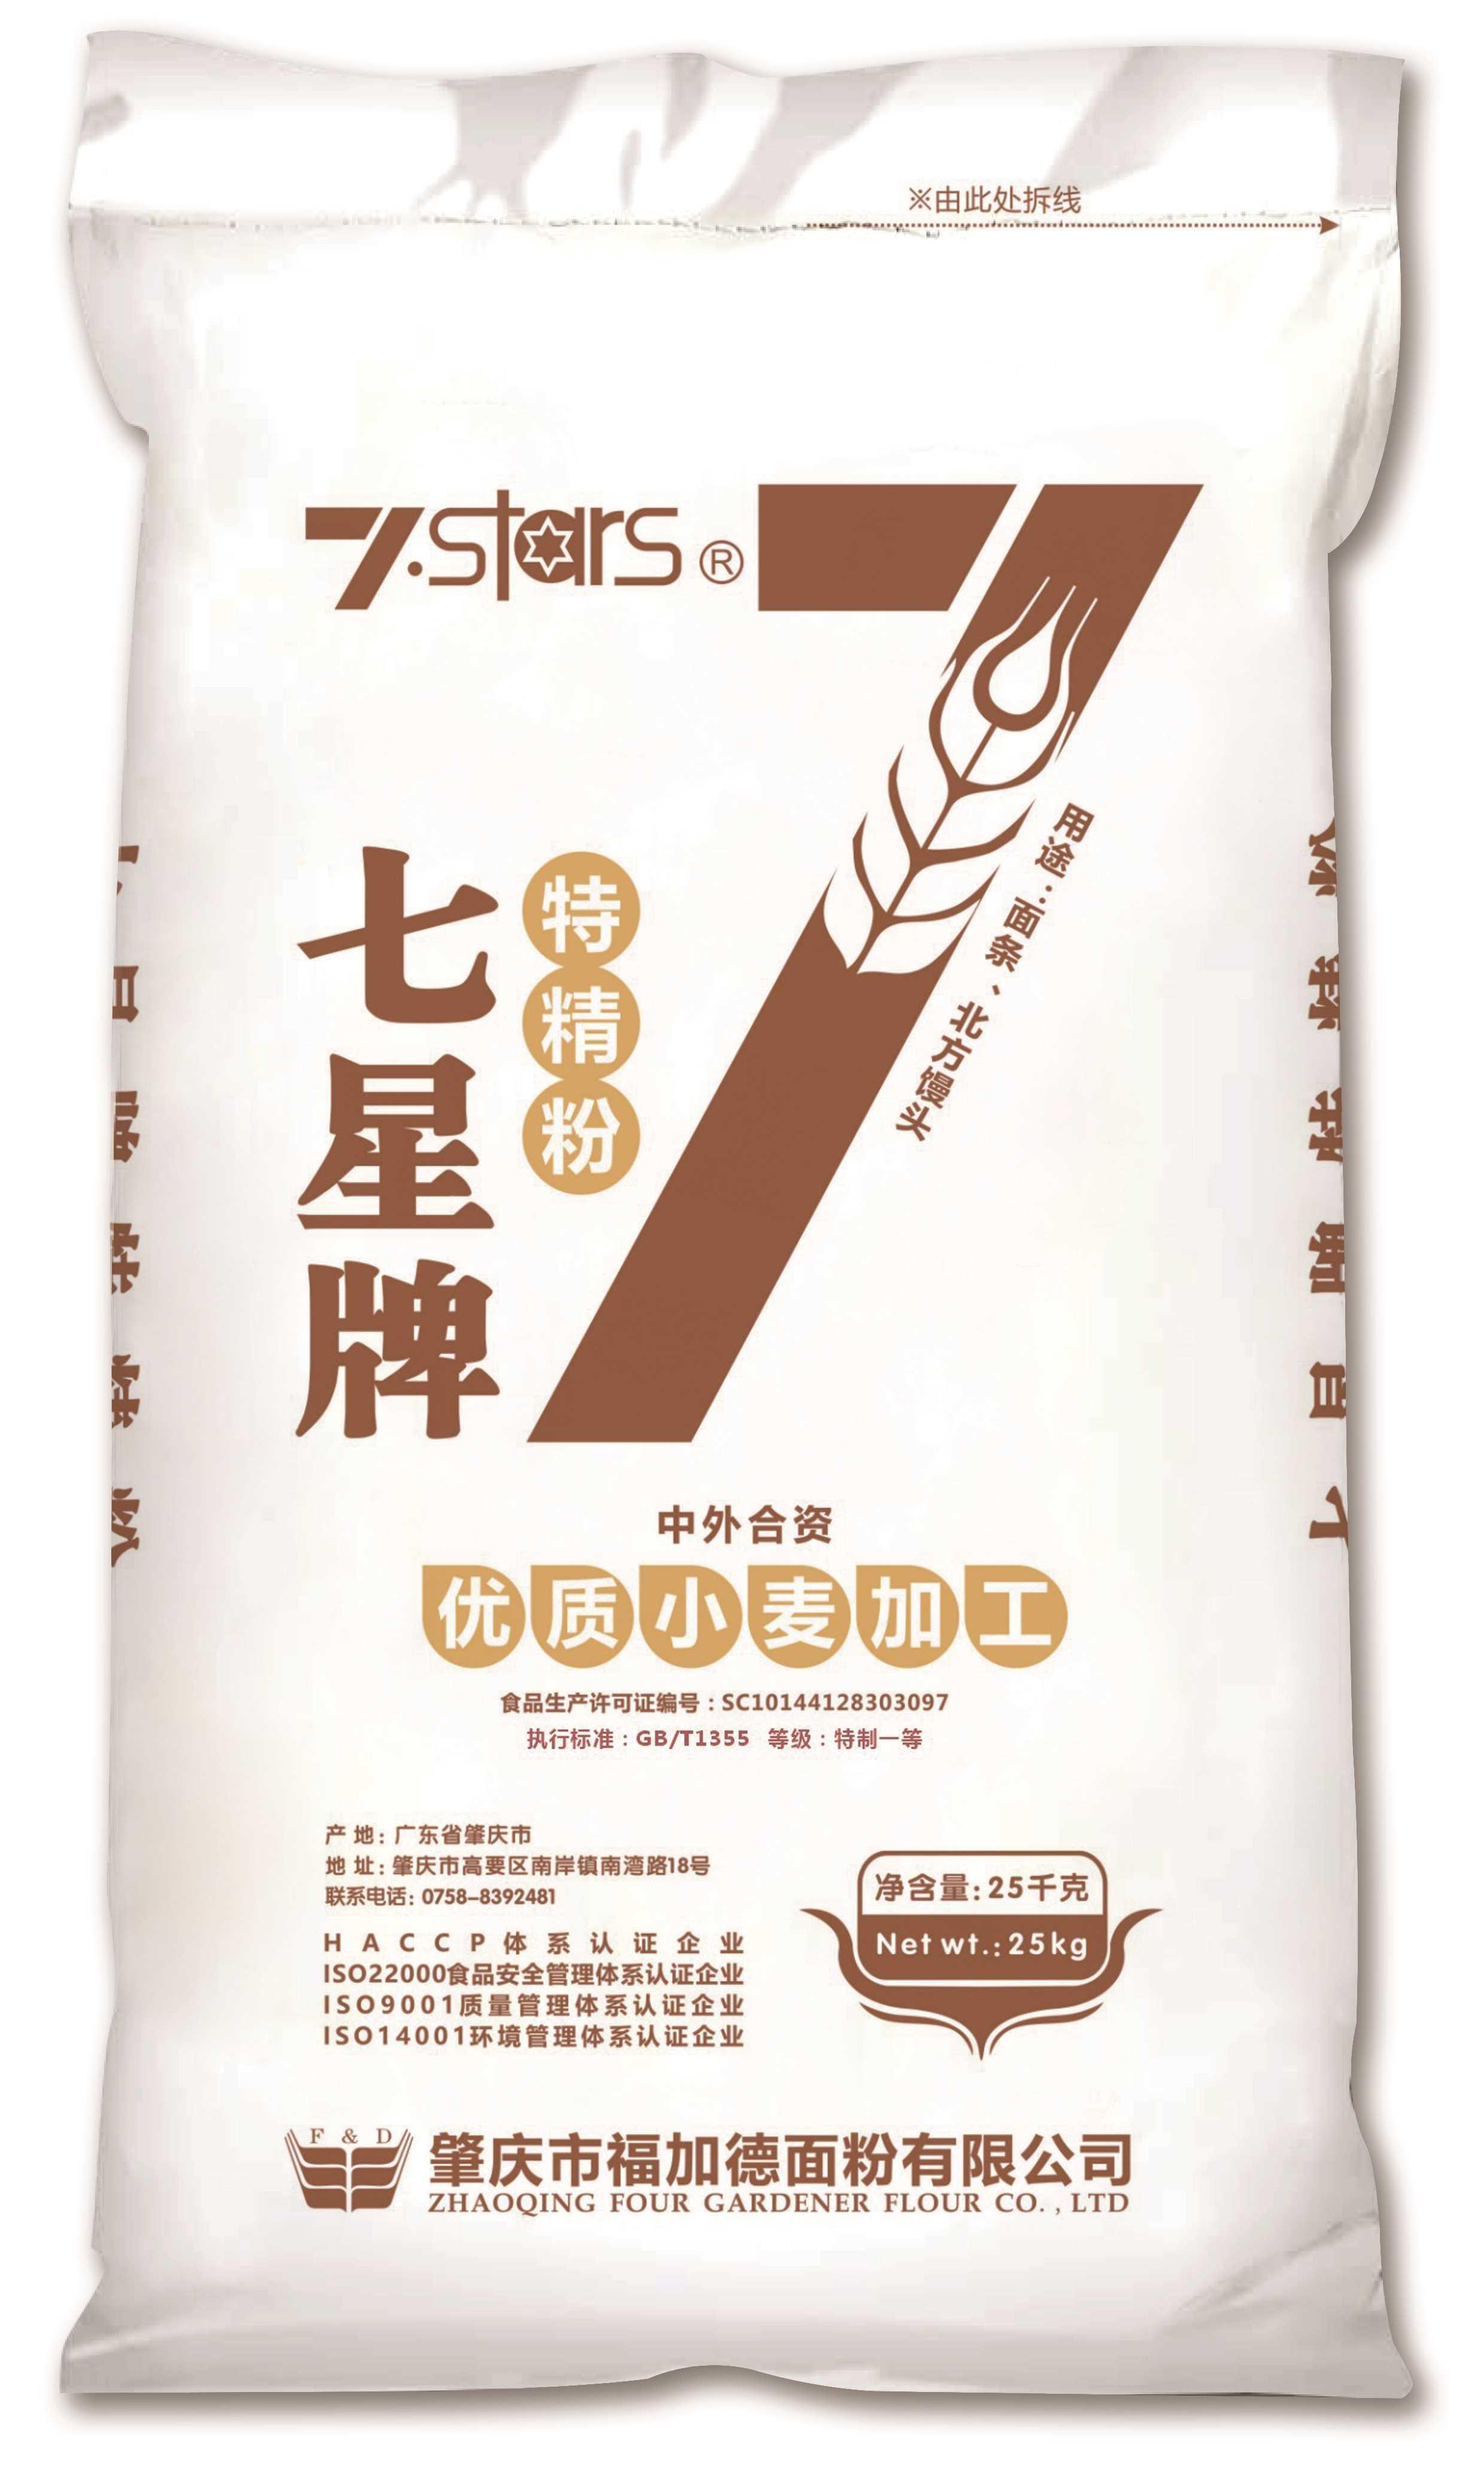 11-七星特精粉编织袋25kg